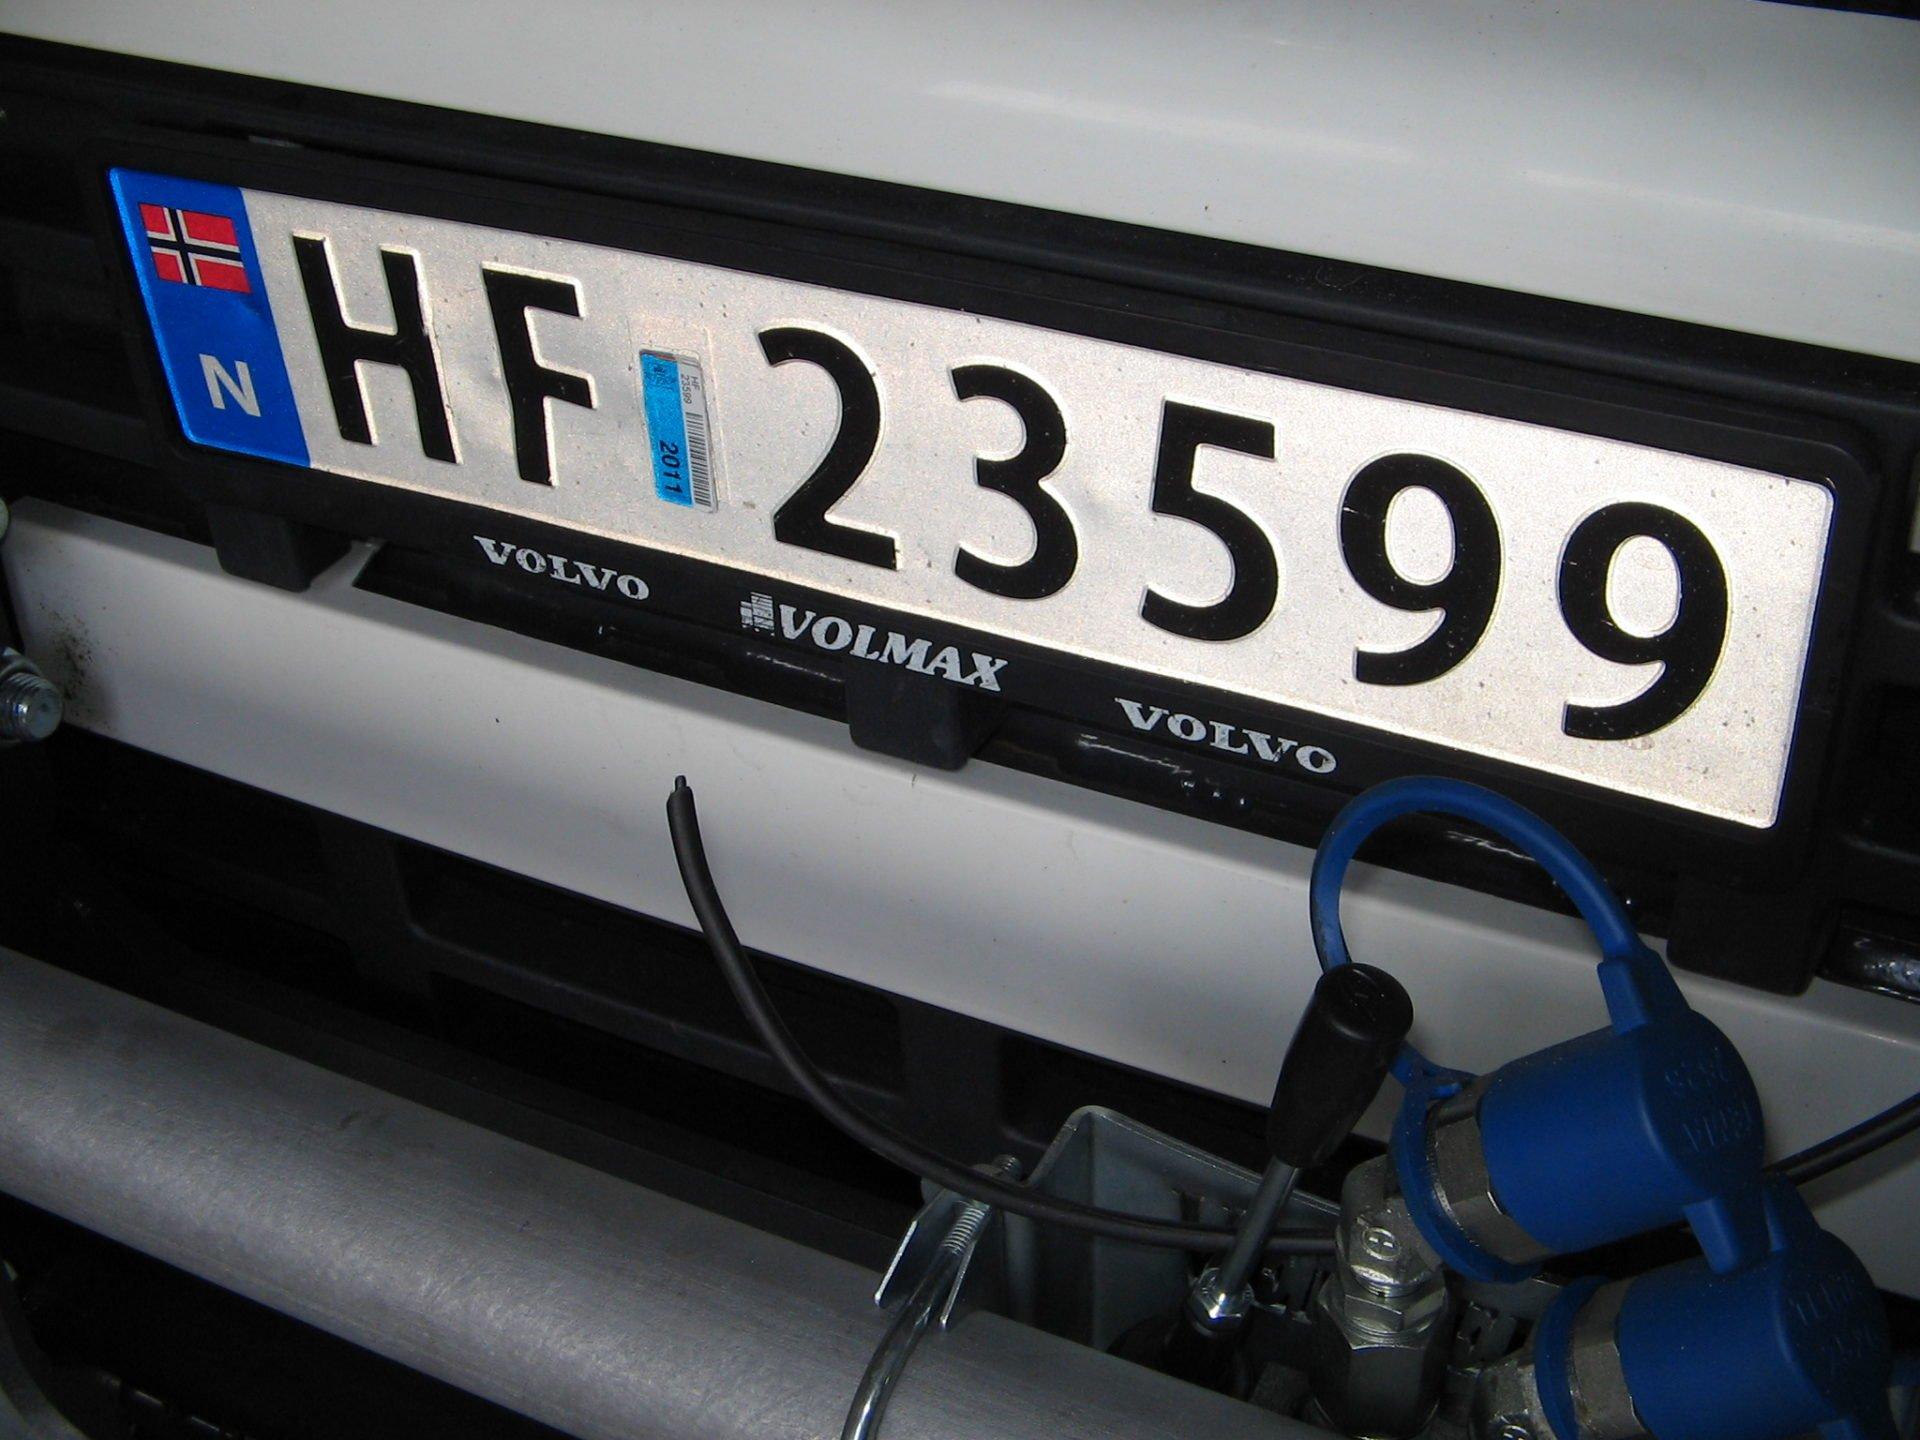 1124339-fredheim-5